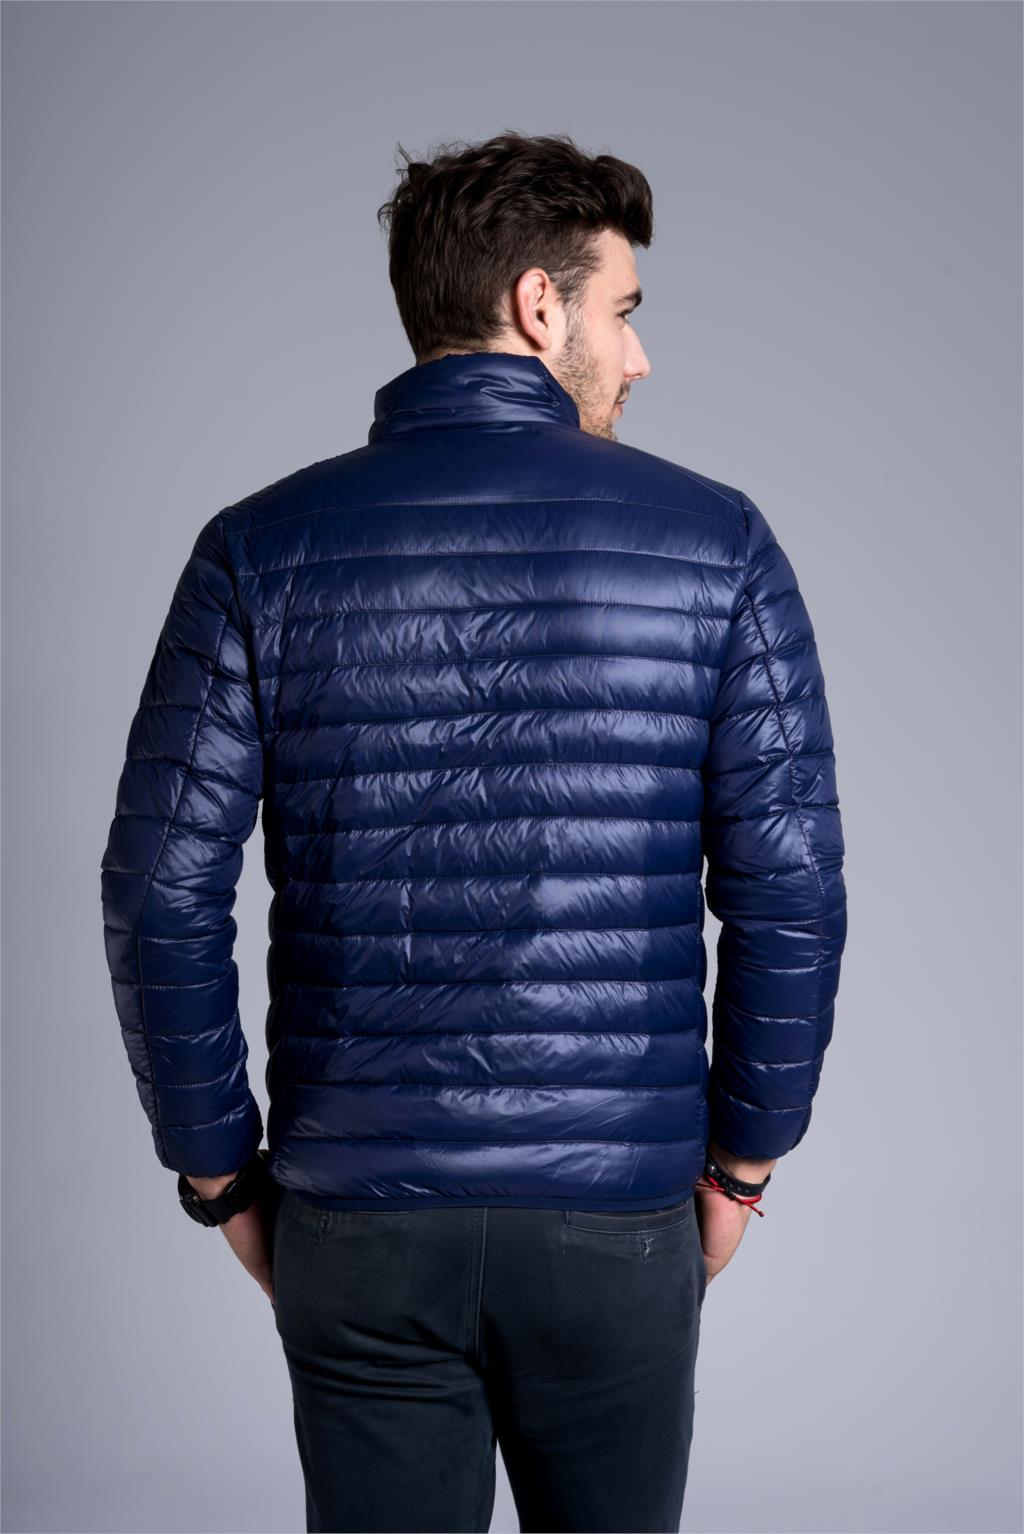 2015 Осень Зима Утка Пуховик, Ultra Light Тонкие плюс размер зимние куртки для мужчин Спортивной Моды мужской Верхней Одежды пальто